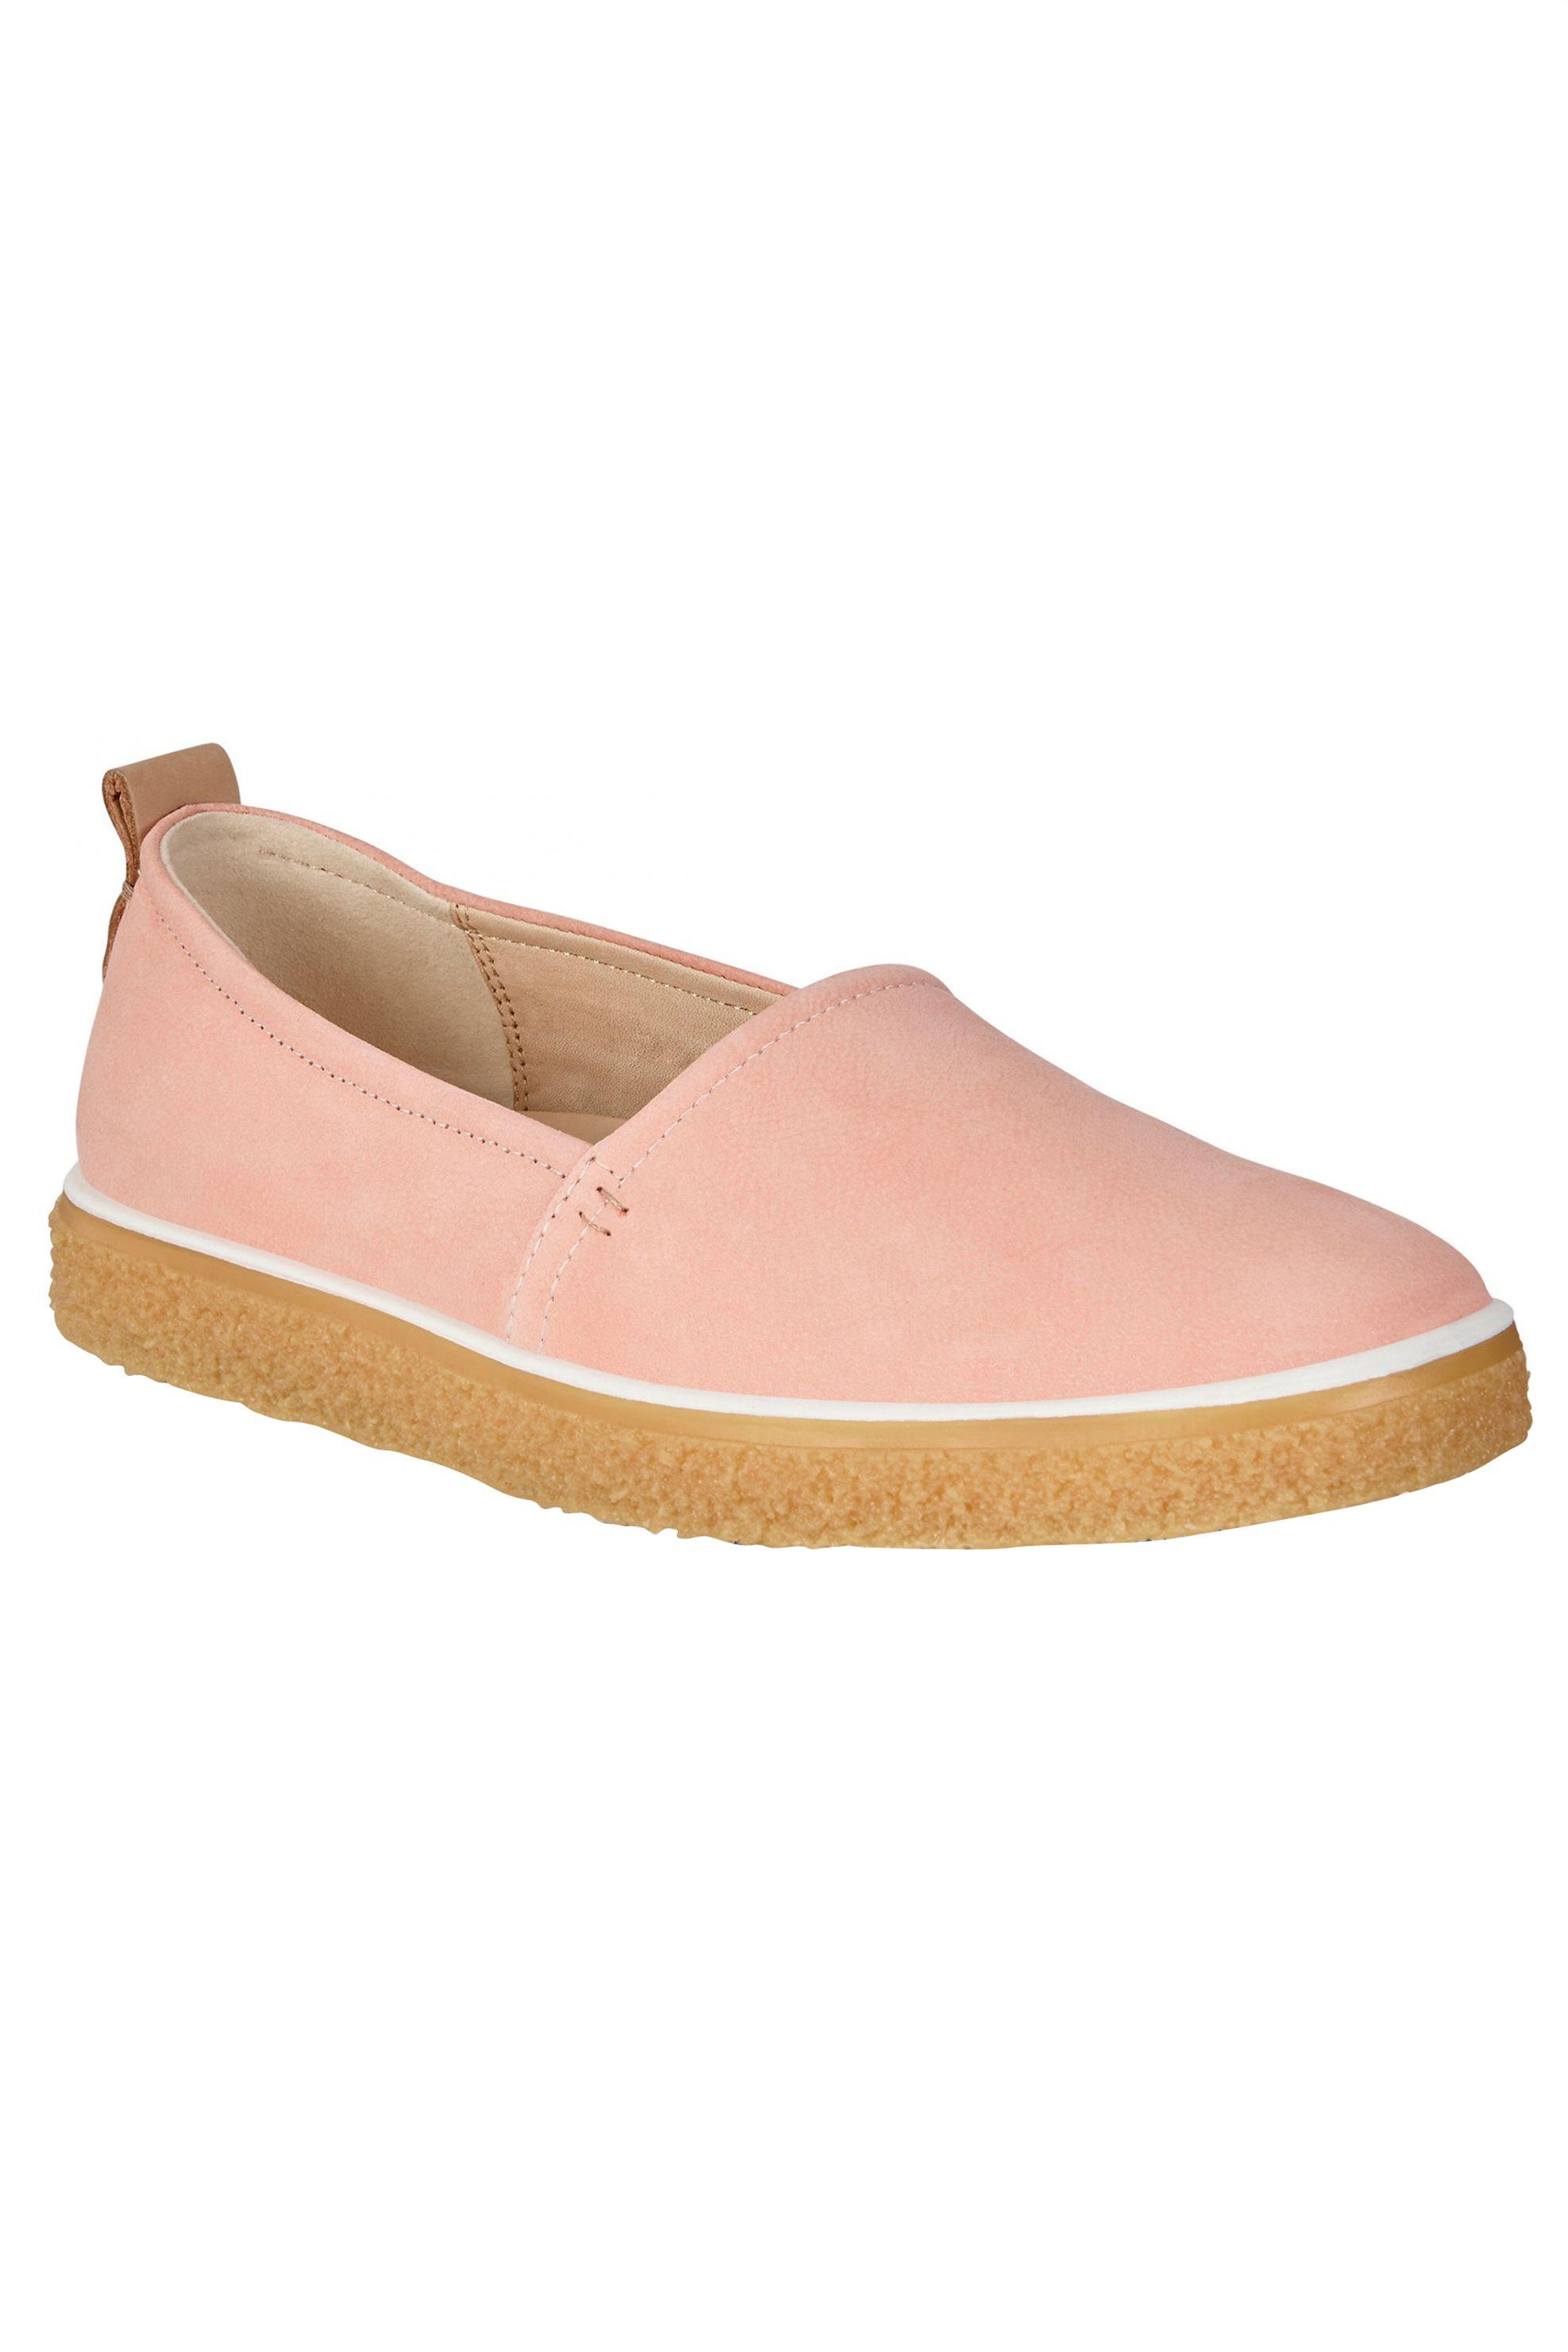 Εcco γυναικεία παπούτσια Crepetray – 200303 – Ροζ